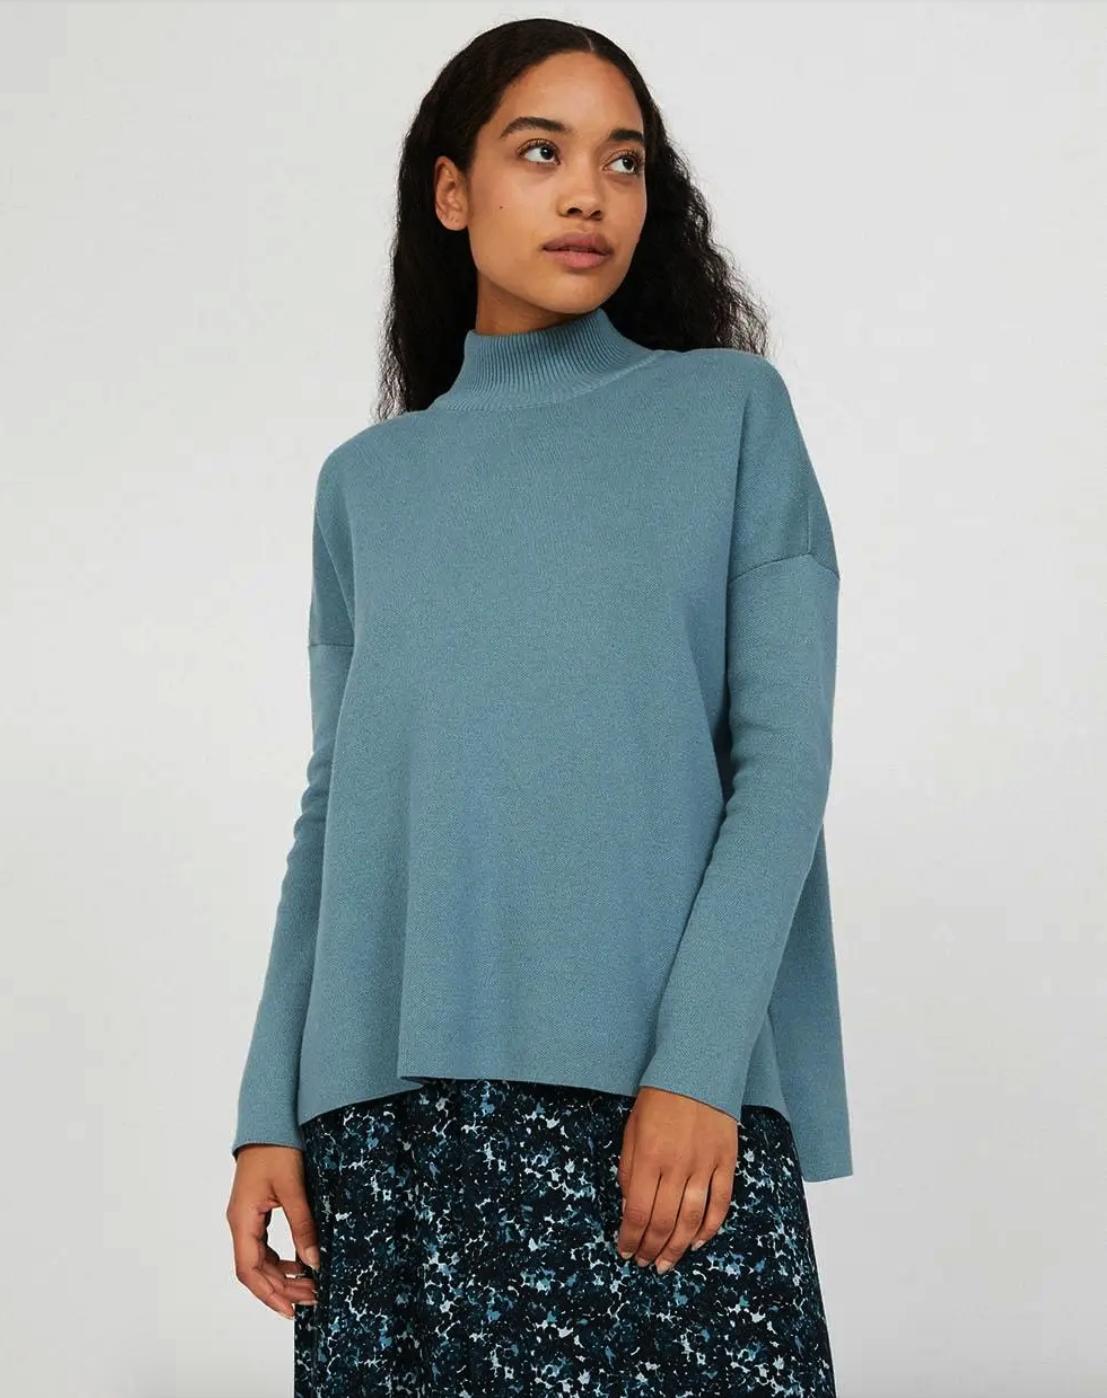 comment s'habiller éthique pull femme mode durable